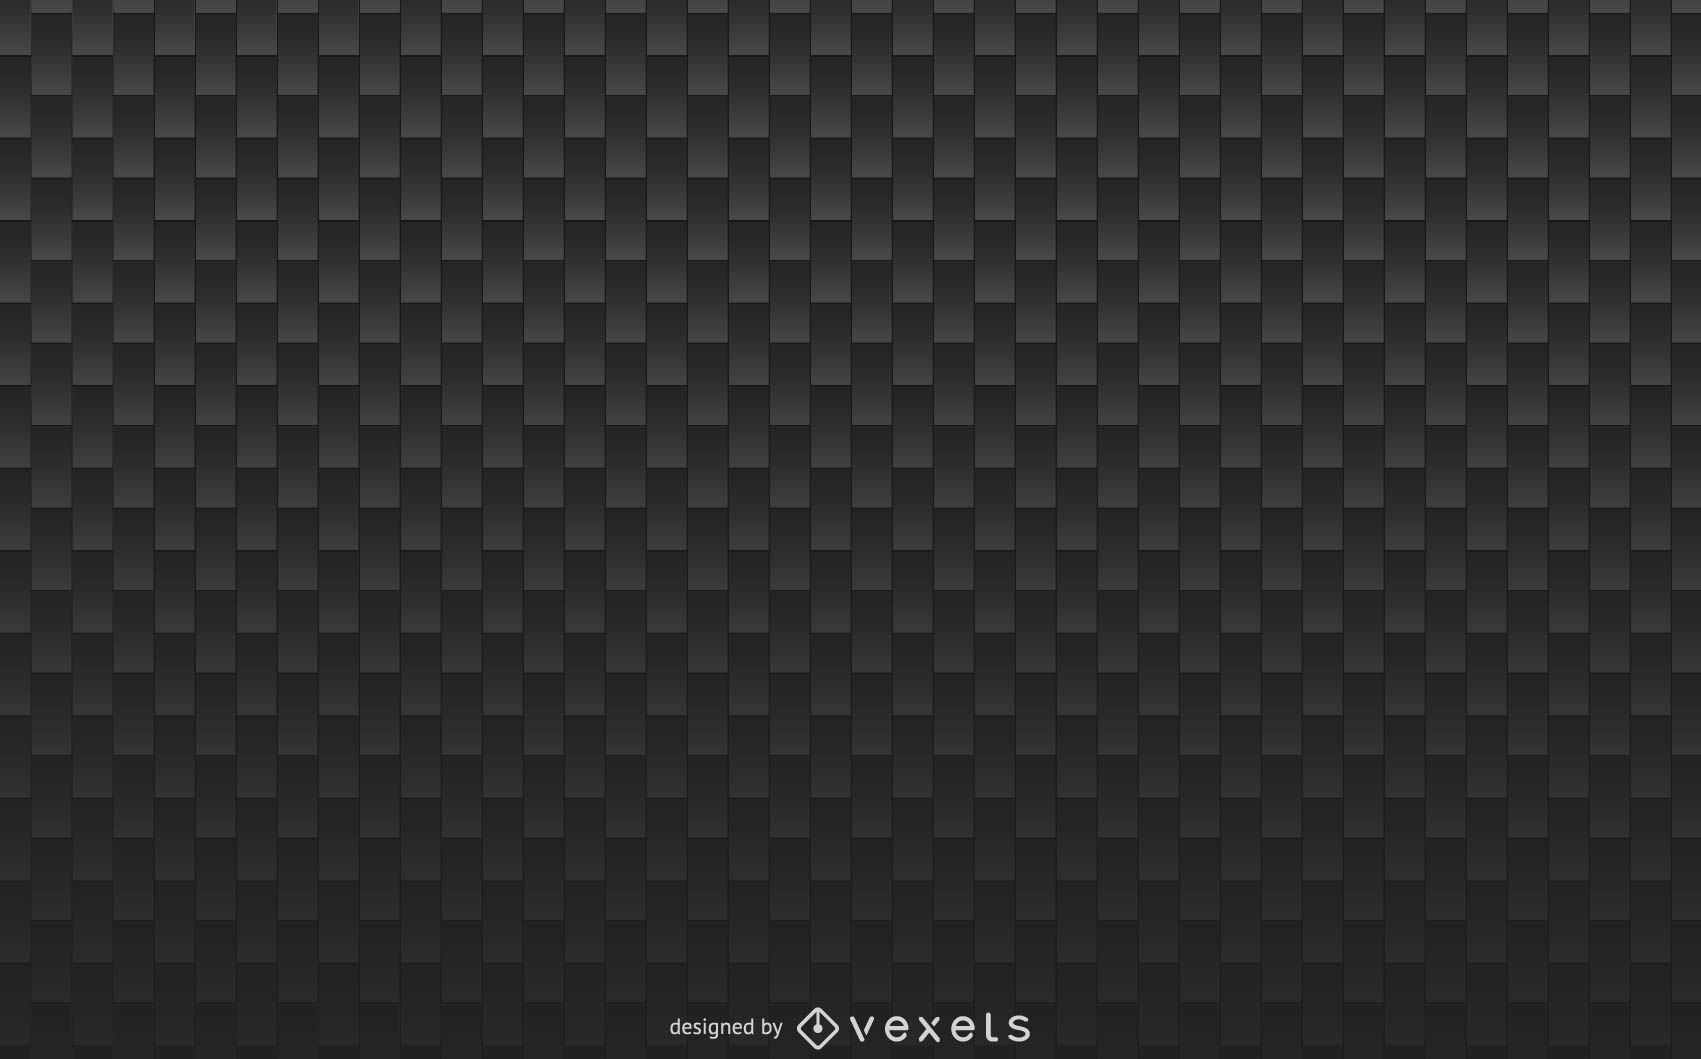 Carbon Fiber Texture - Vector download